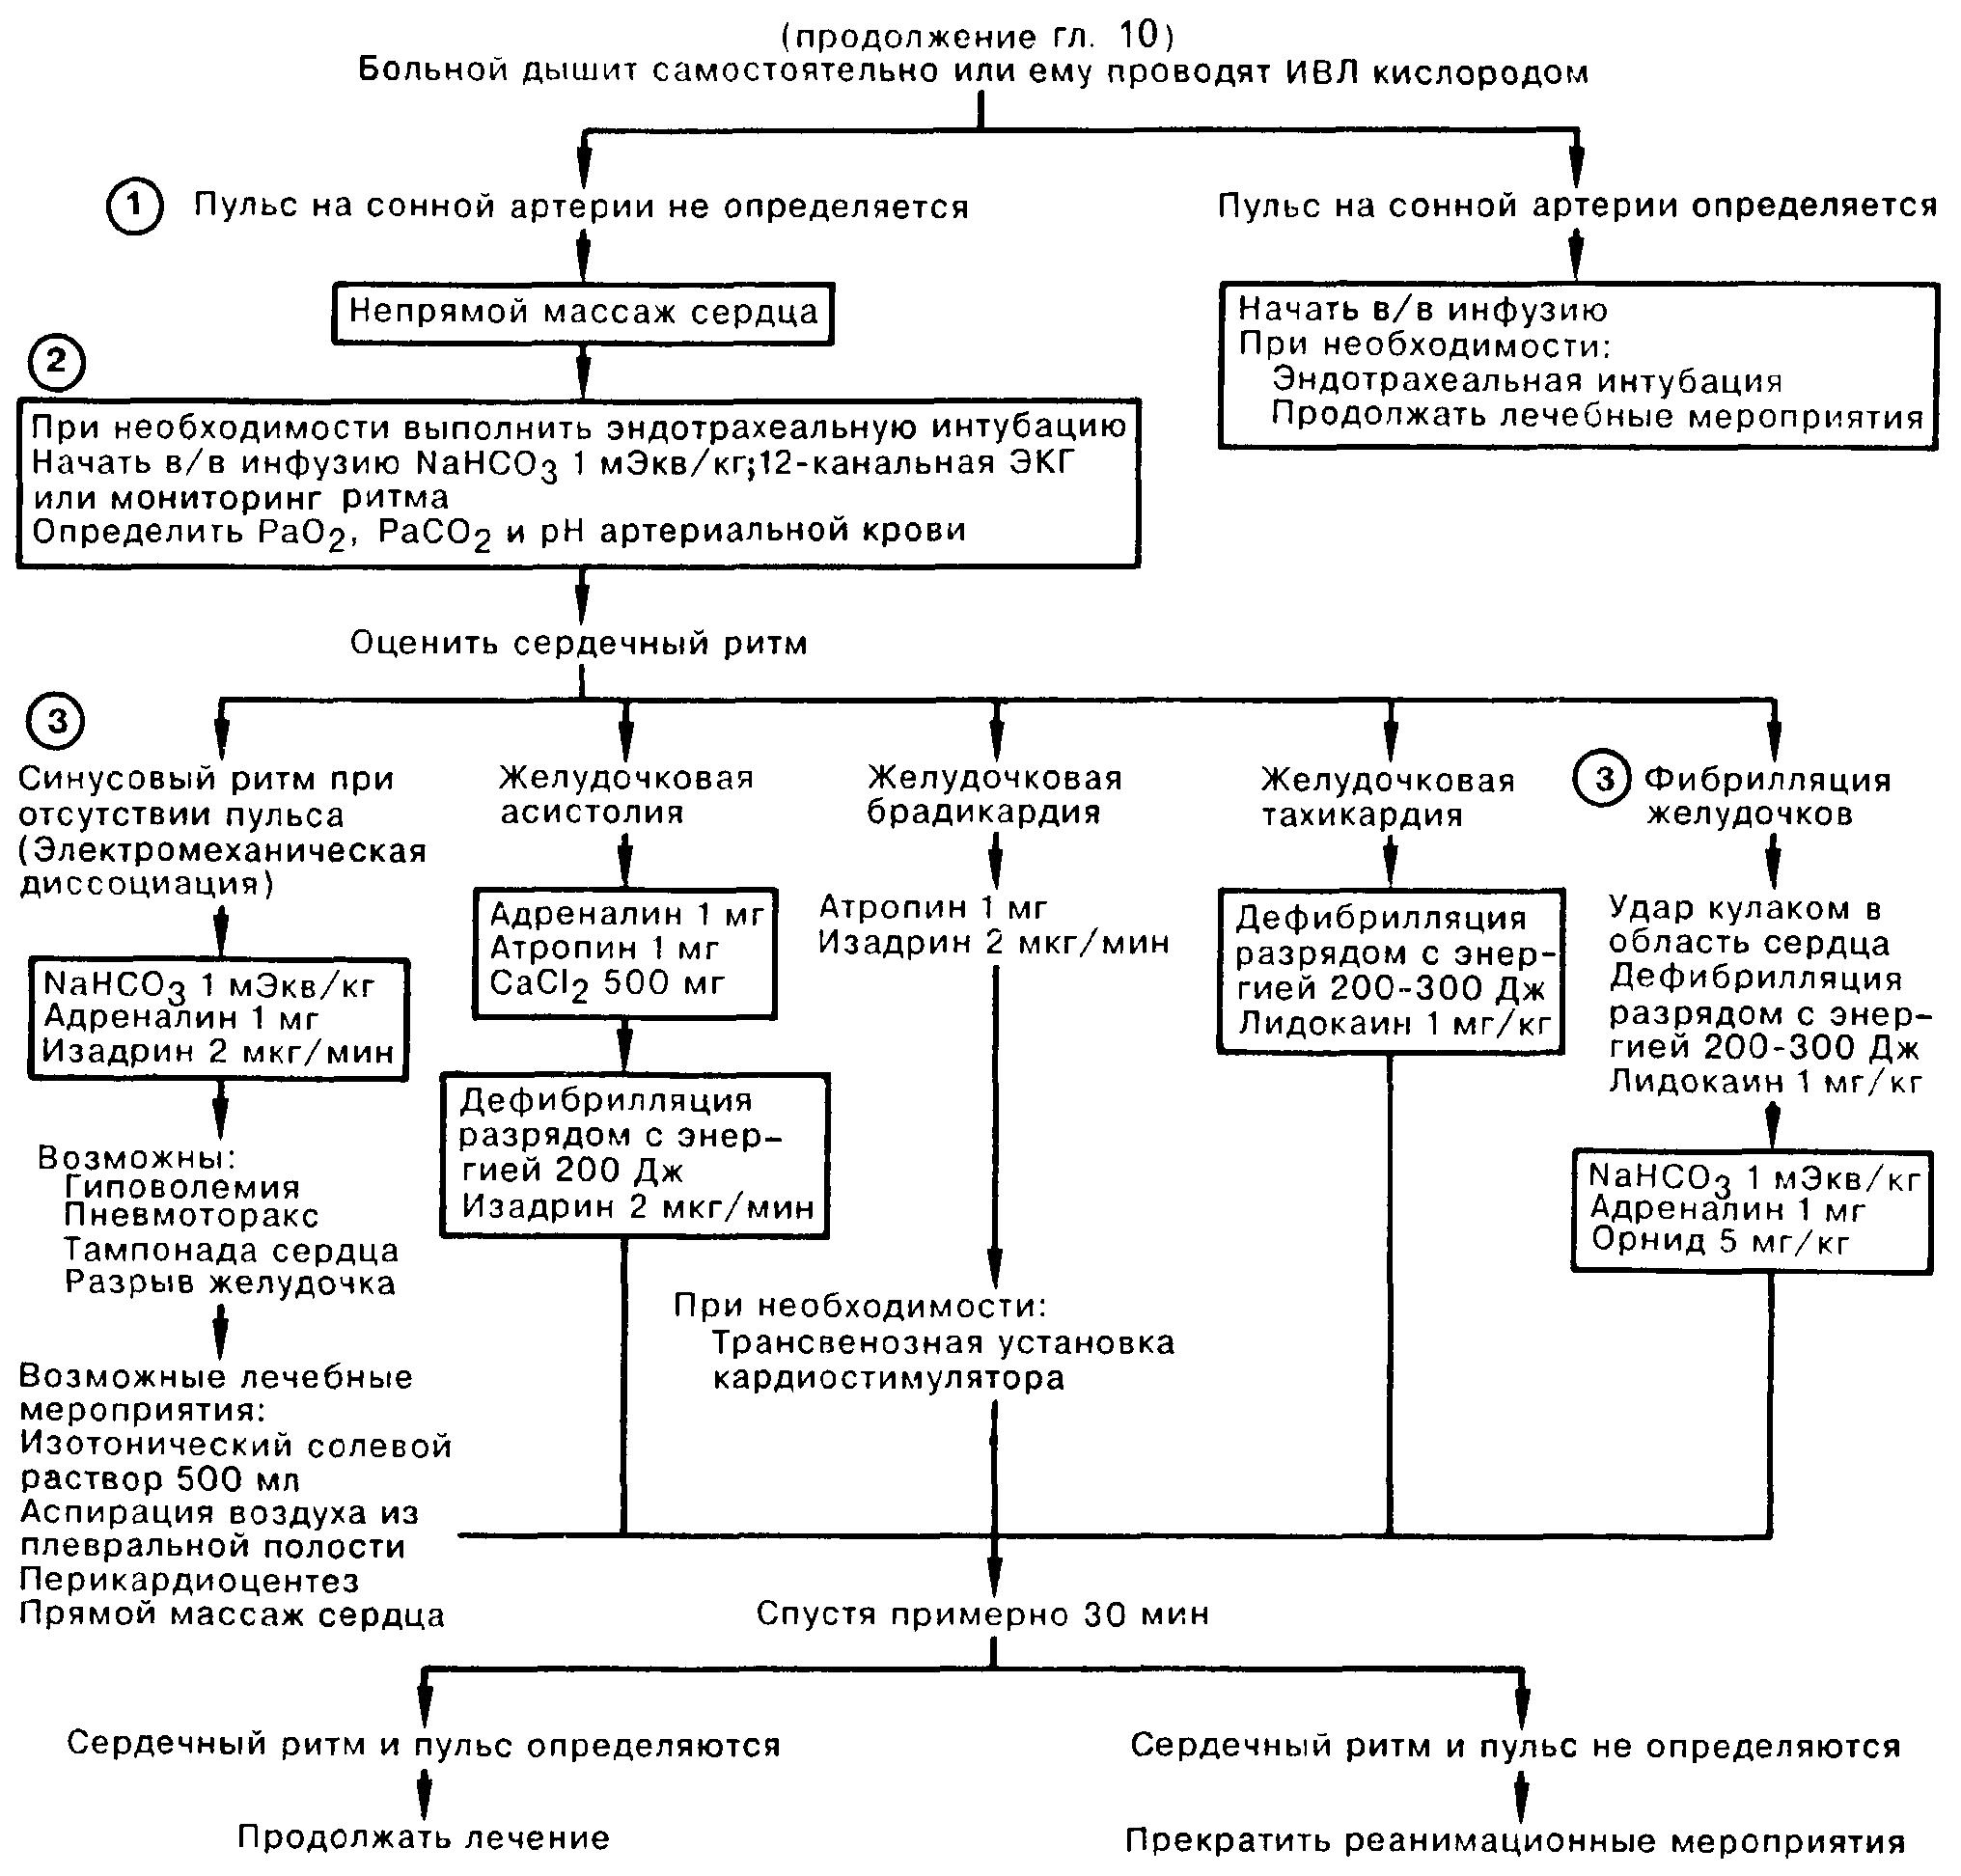 адреналин 1 мг мл инструкция по применению